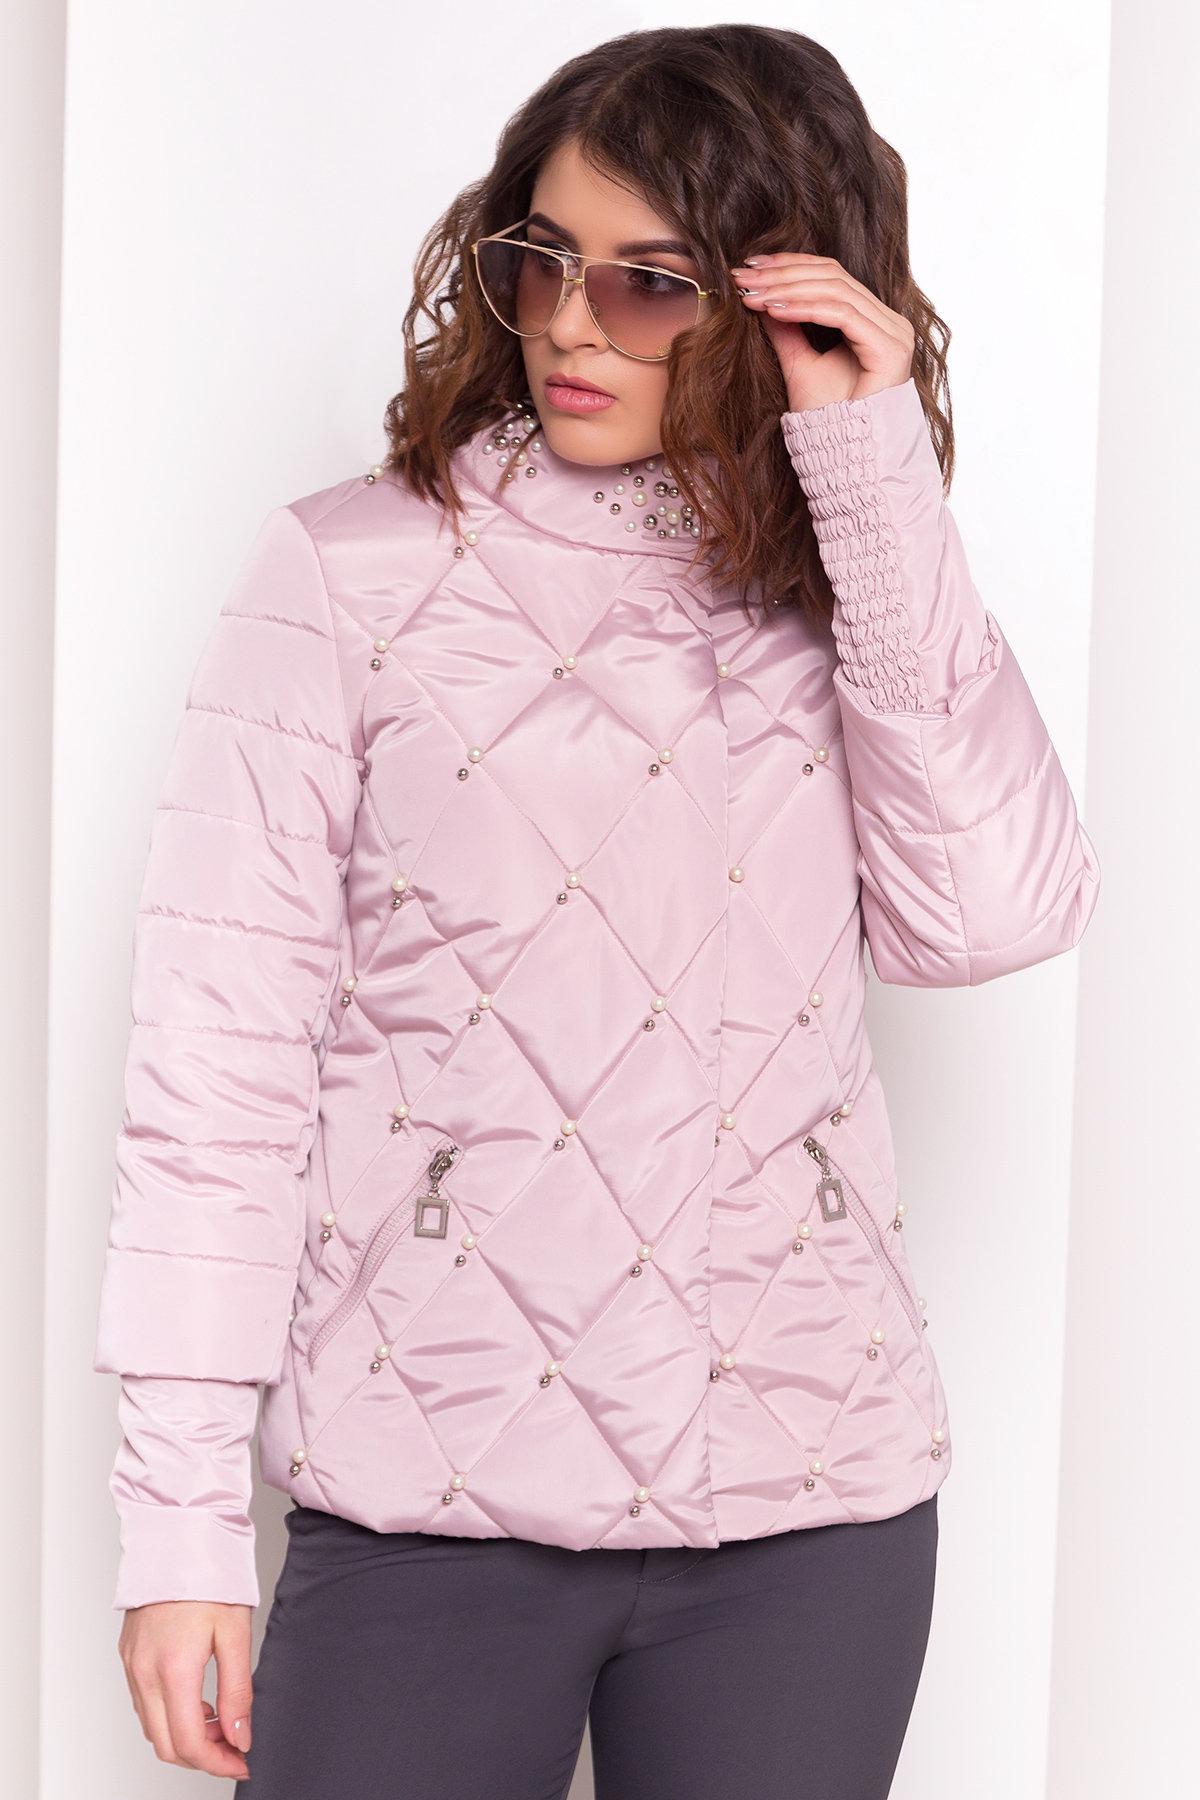 Куртка с воротником стойка Мирцелла 4591 Цвет: Серый/розовый